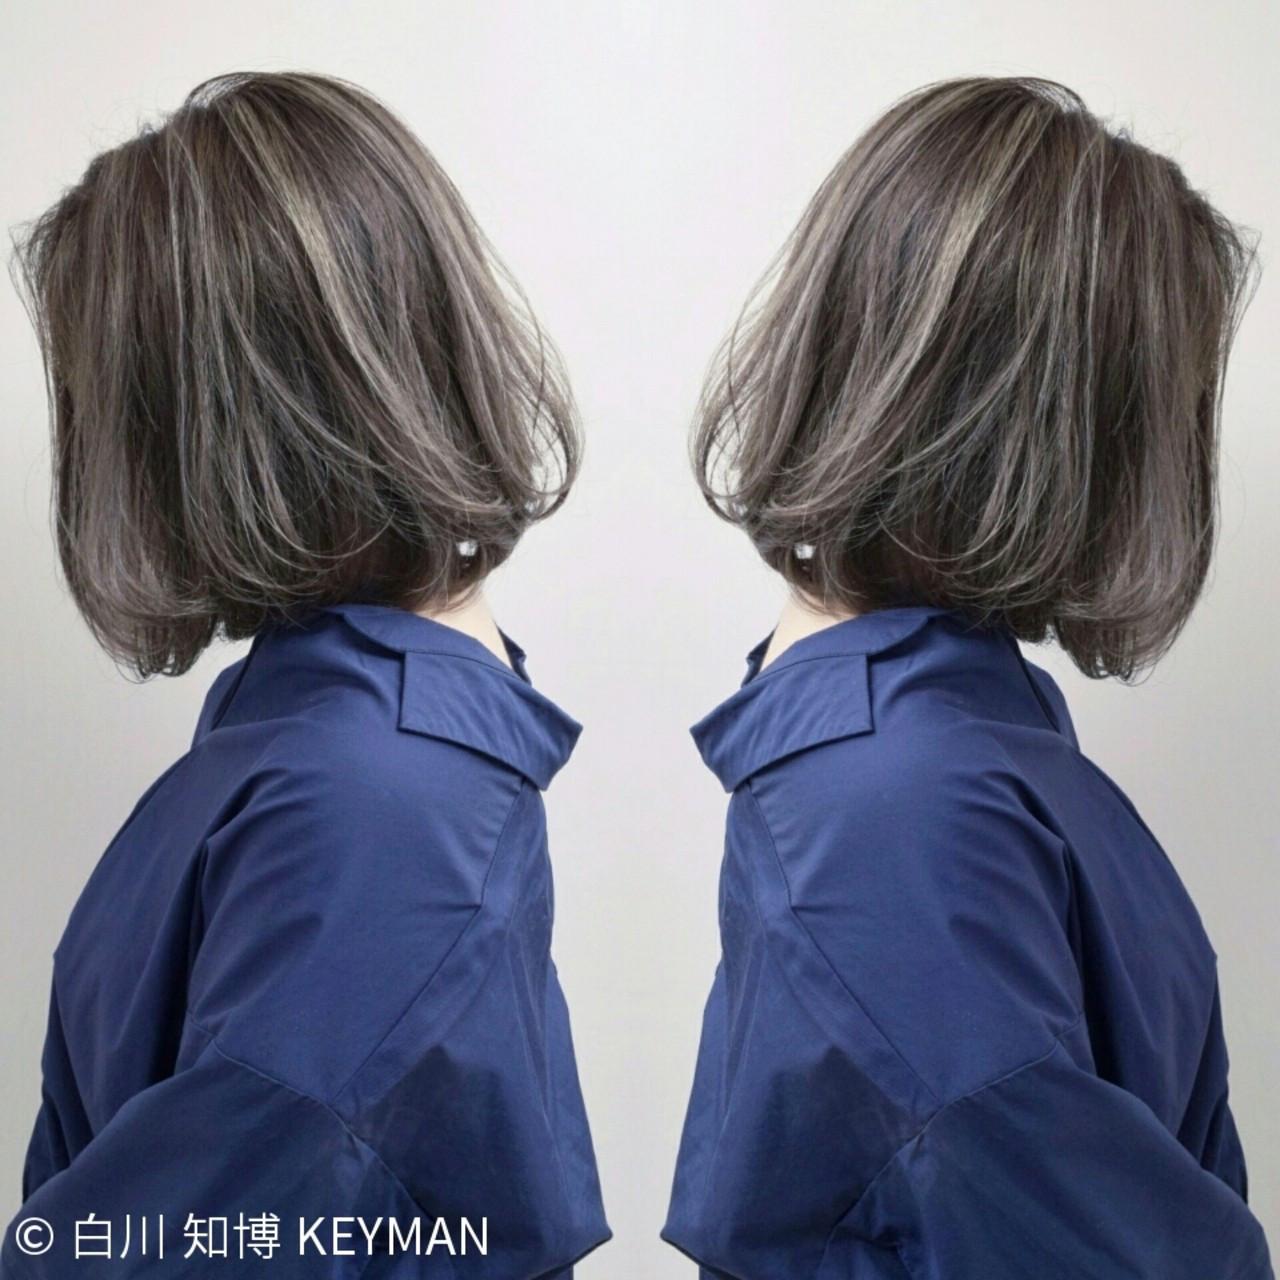 バレイヤージュ ボブ ストリート ウェーブ ヘアスタイルや髪型の写真・画像